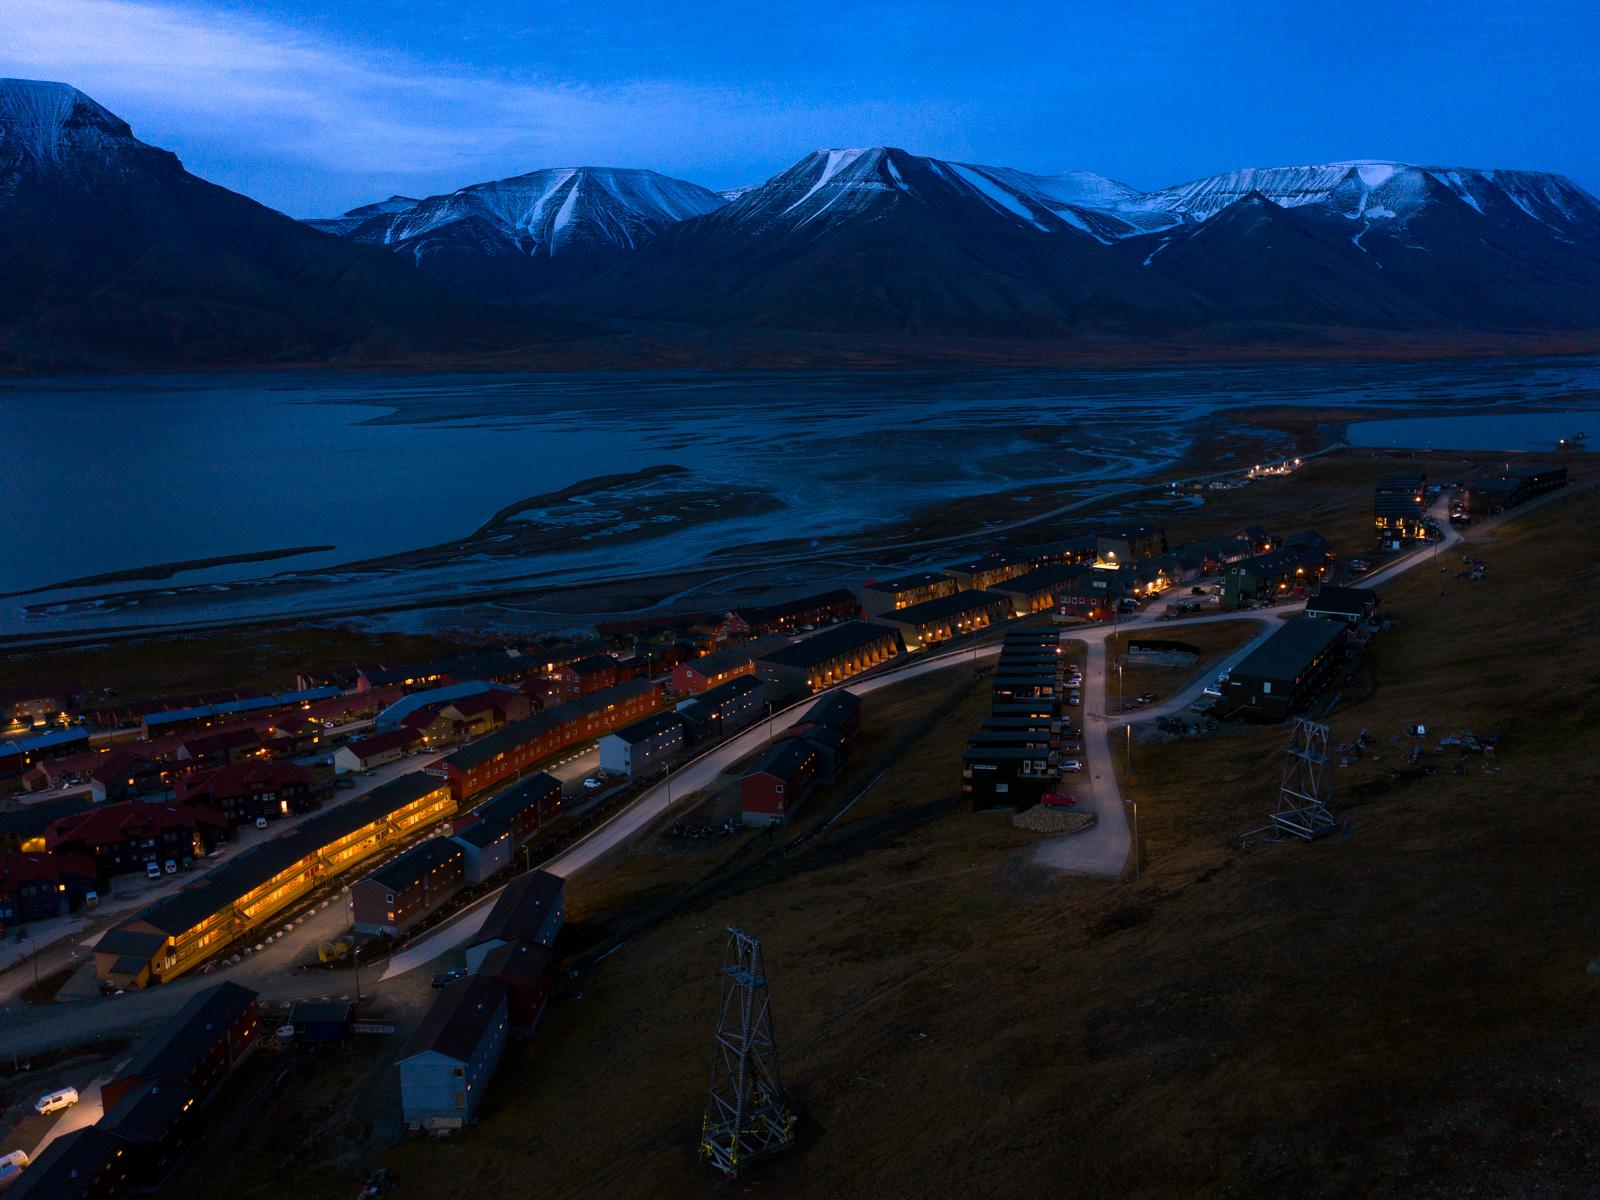 Svalbard_Spitsbergen_Longyearbyen-8